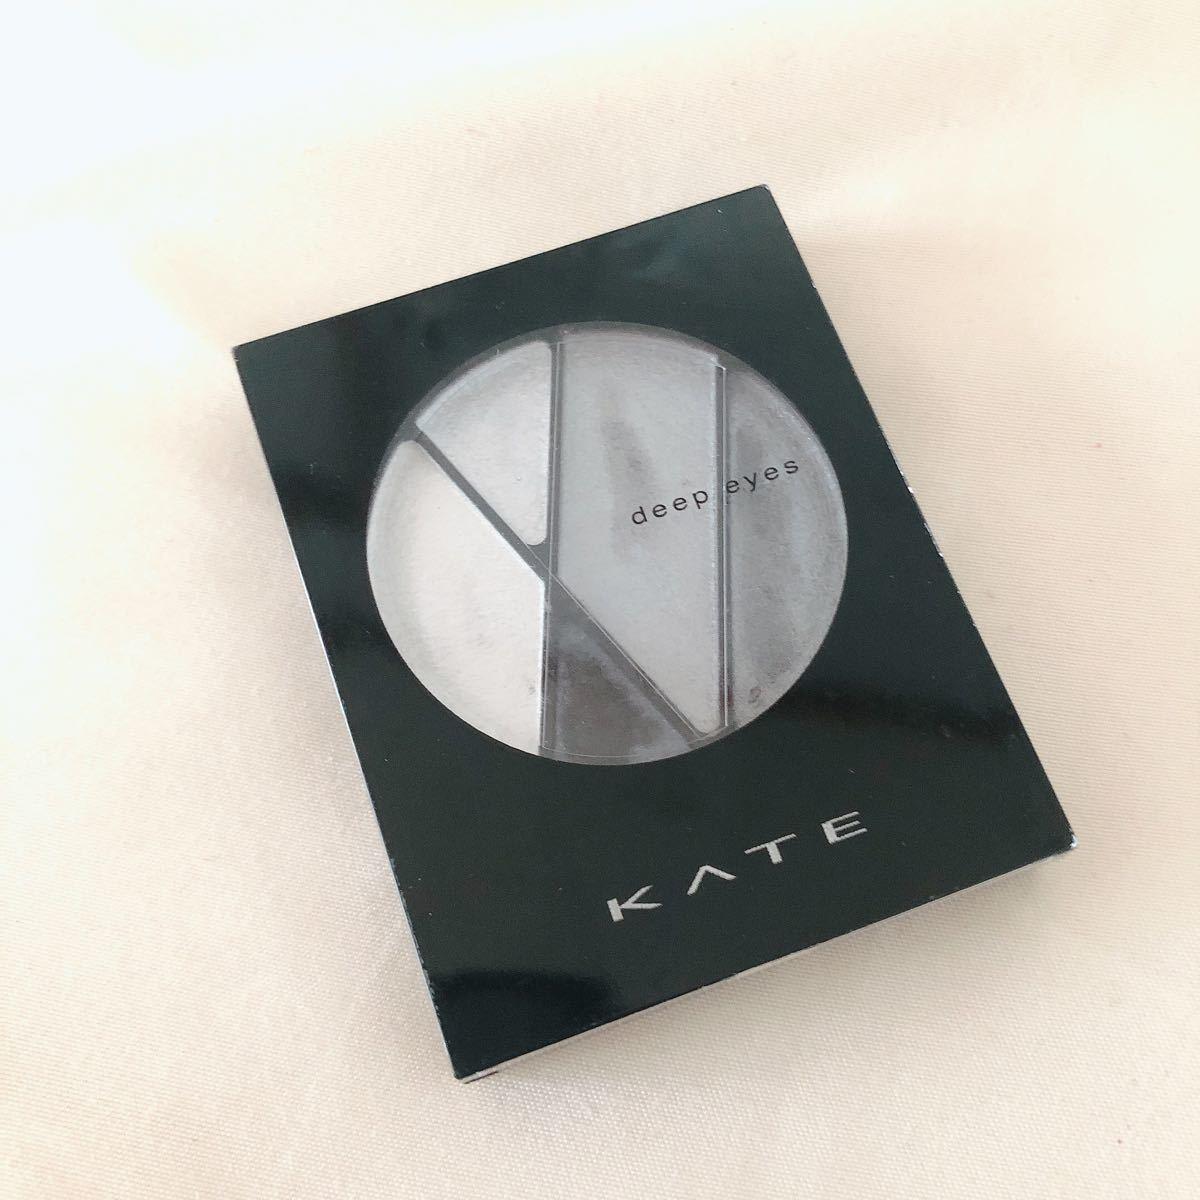 ケイト kate ディープトラップアイズ アイシャドウ BK-1 ケイトアイシャドウ